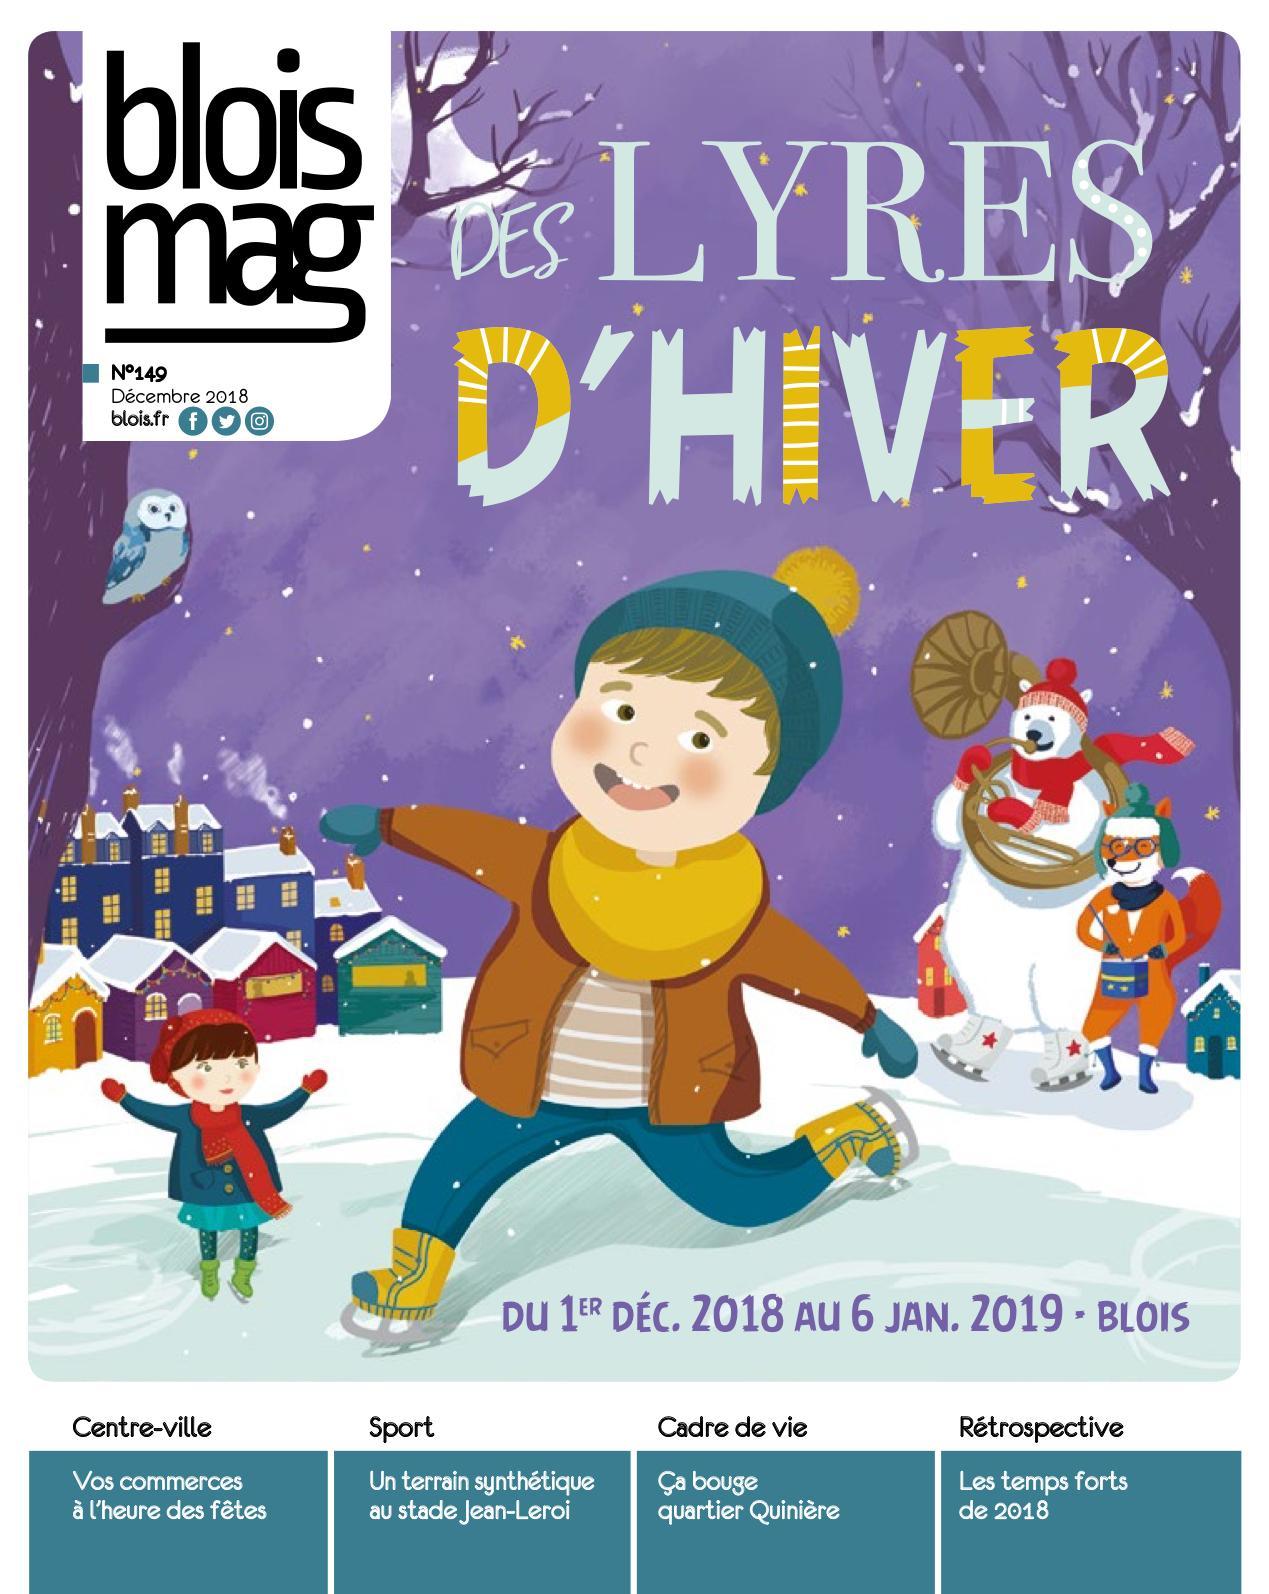 En couverture, le dessin d'un petit garçon jouant dans la neige.